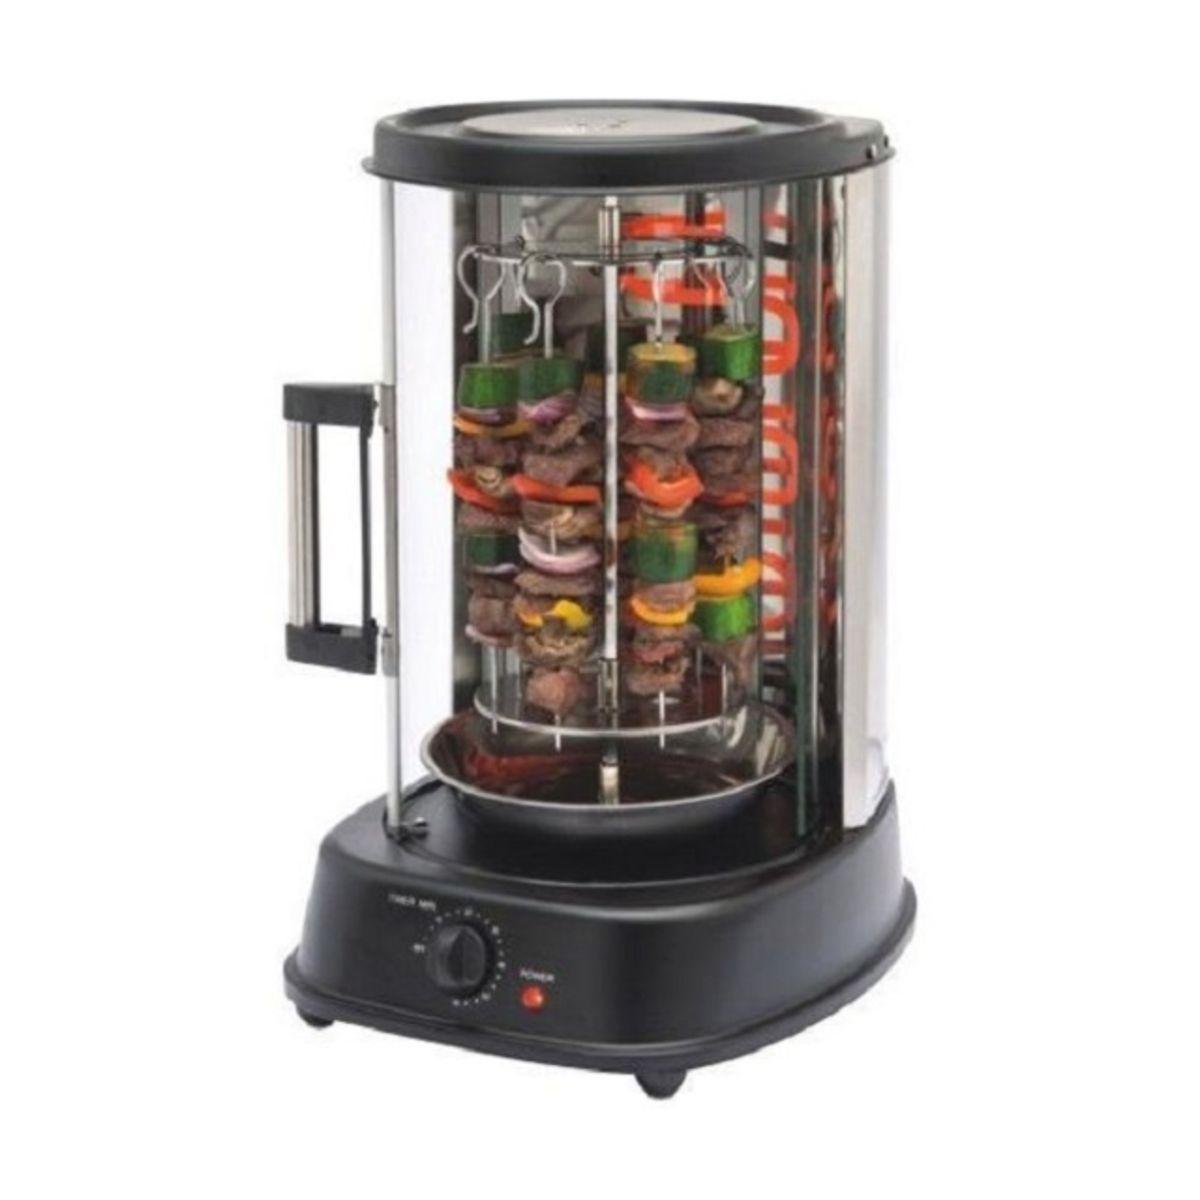 SILVERSTYLE Rôtissoire verticale Poulet - Kebab - 000414PL